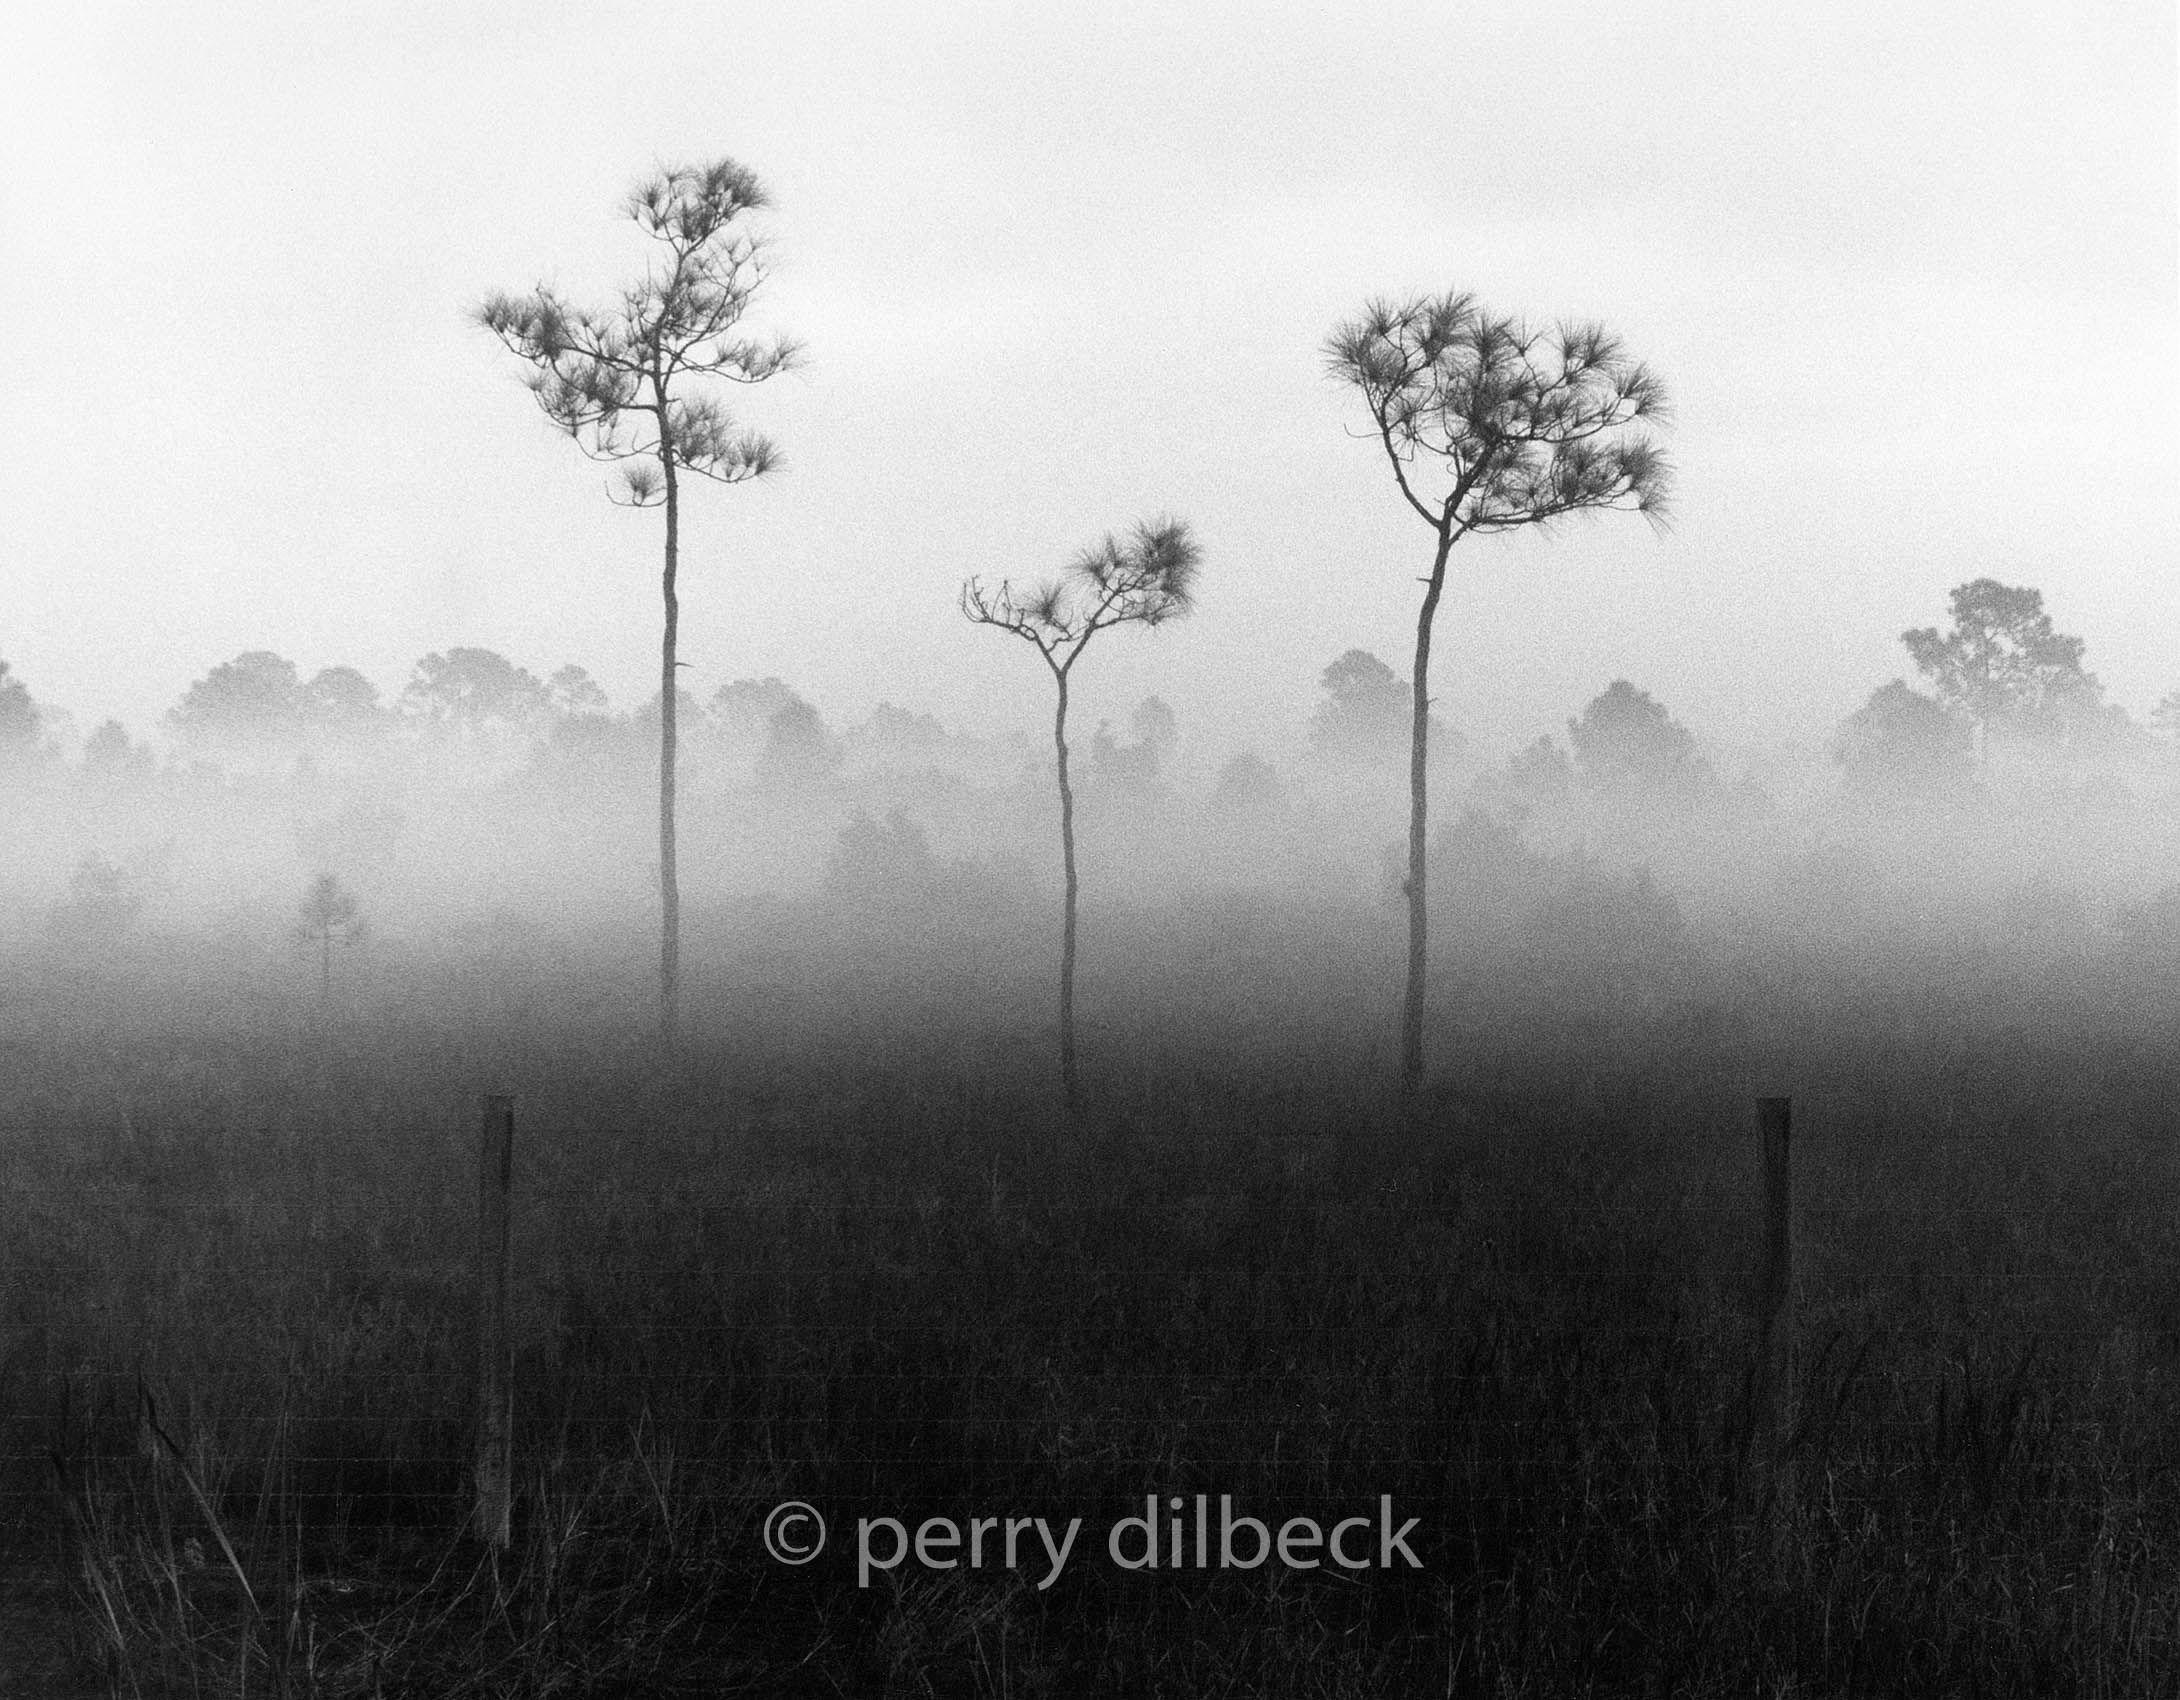 treesfog1Rb.jpg